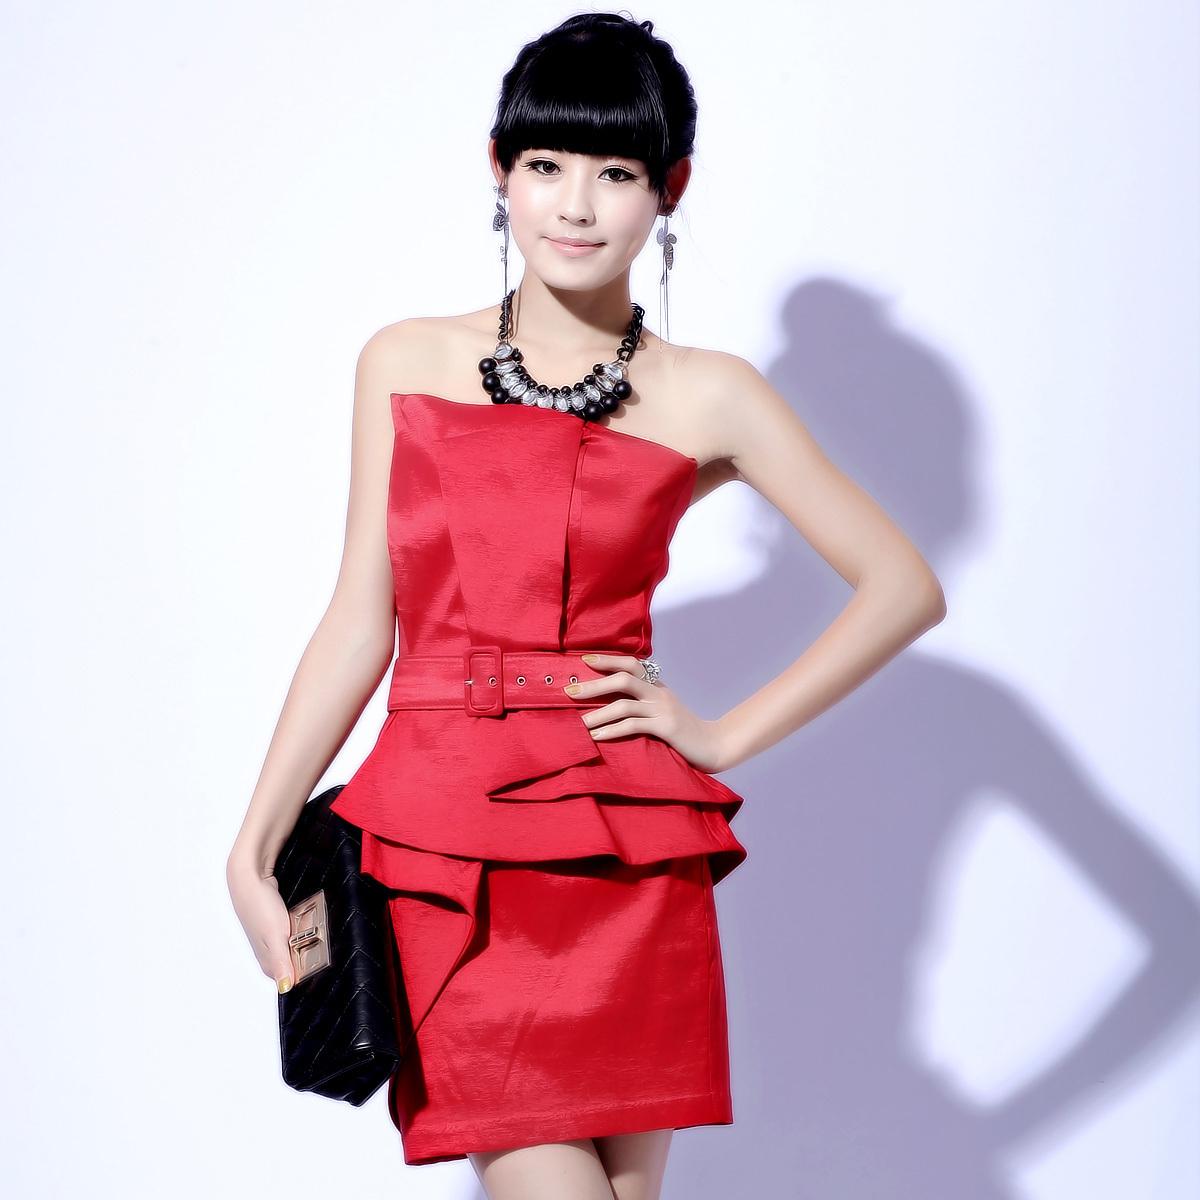 Вечернее платье Spicy Girl hot 012 2013 Spicy Girl hot